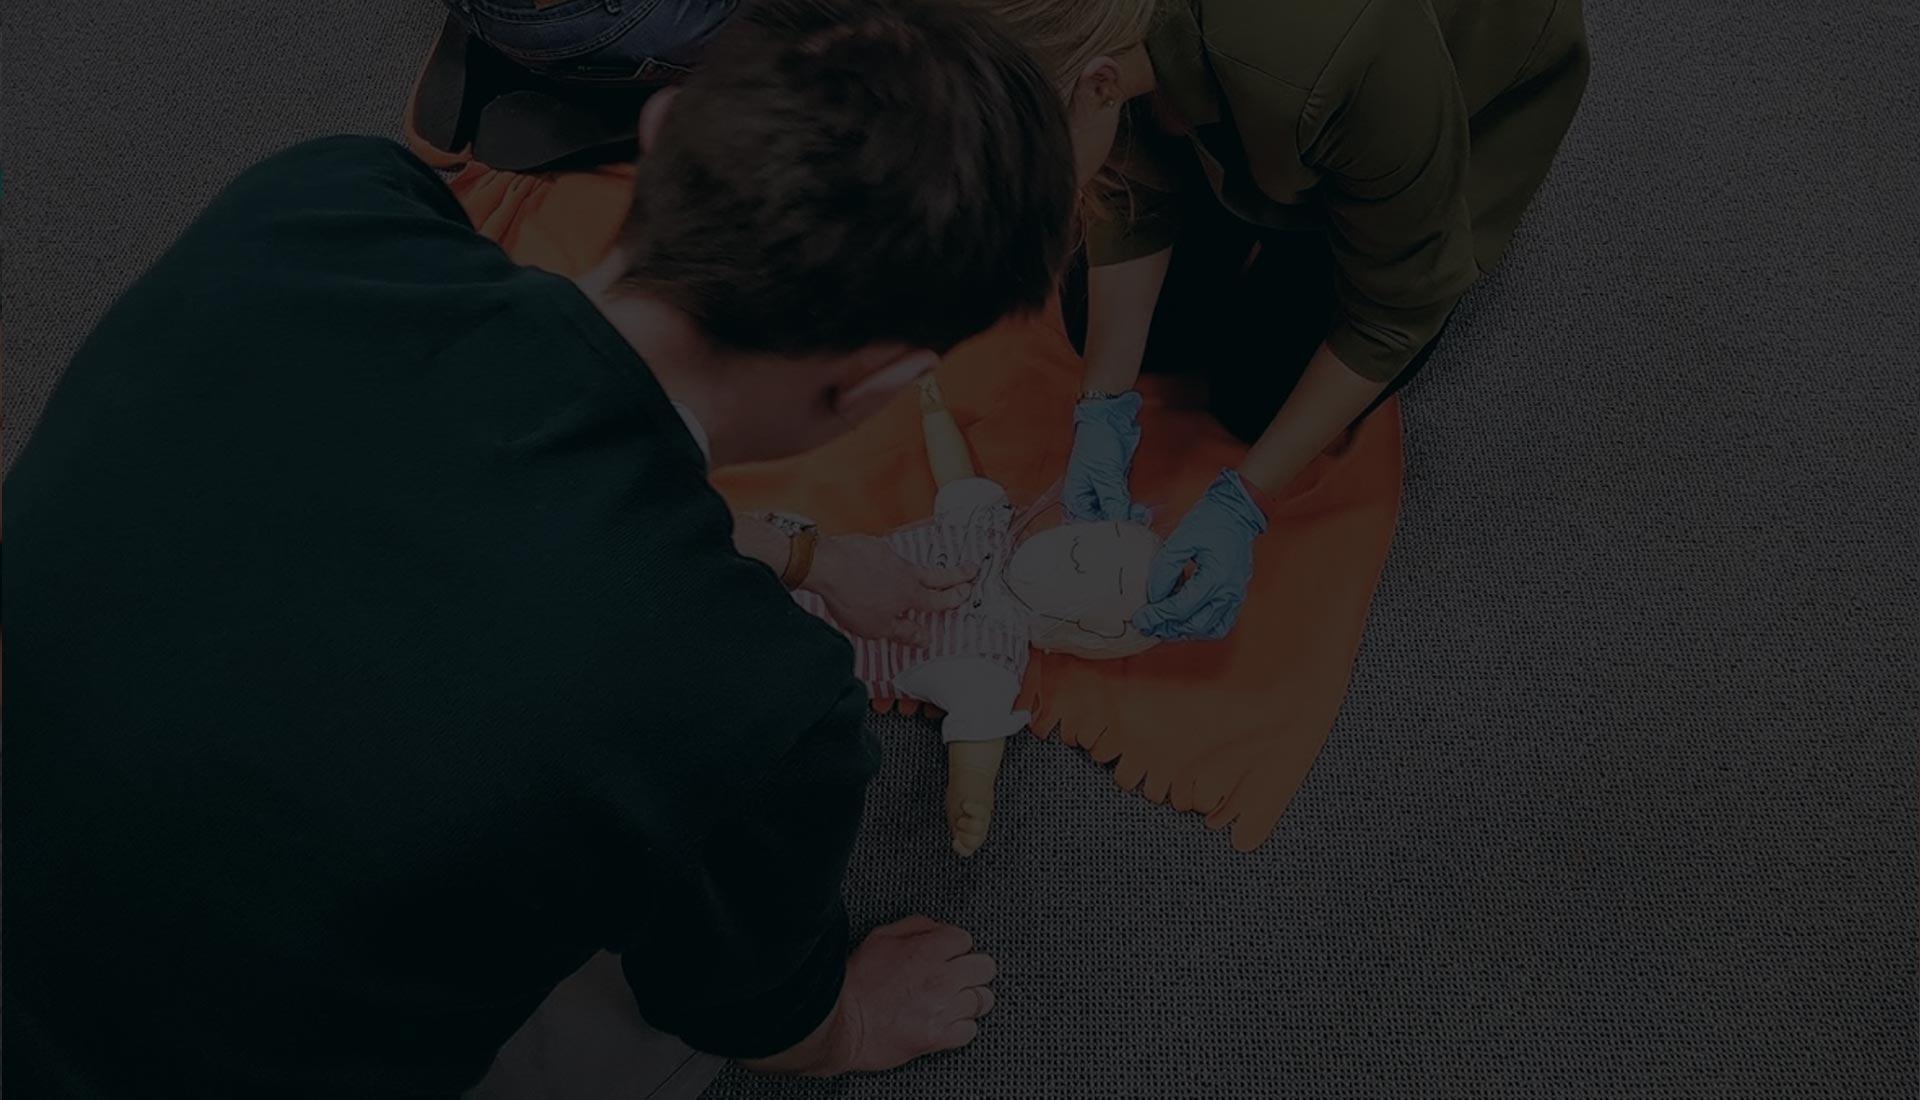 szkolenie z pierwszej pomocy dla rodziców Wrocław kurs pierwszej pomocy pierwsza pomoc dziecko